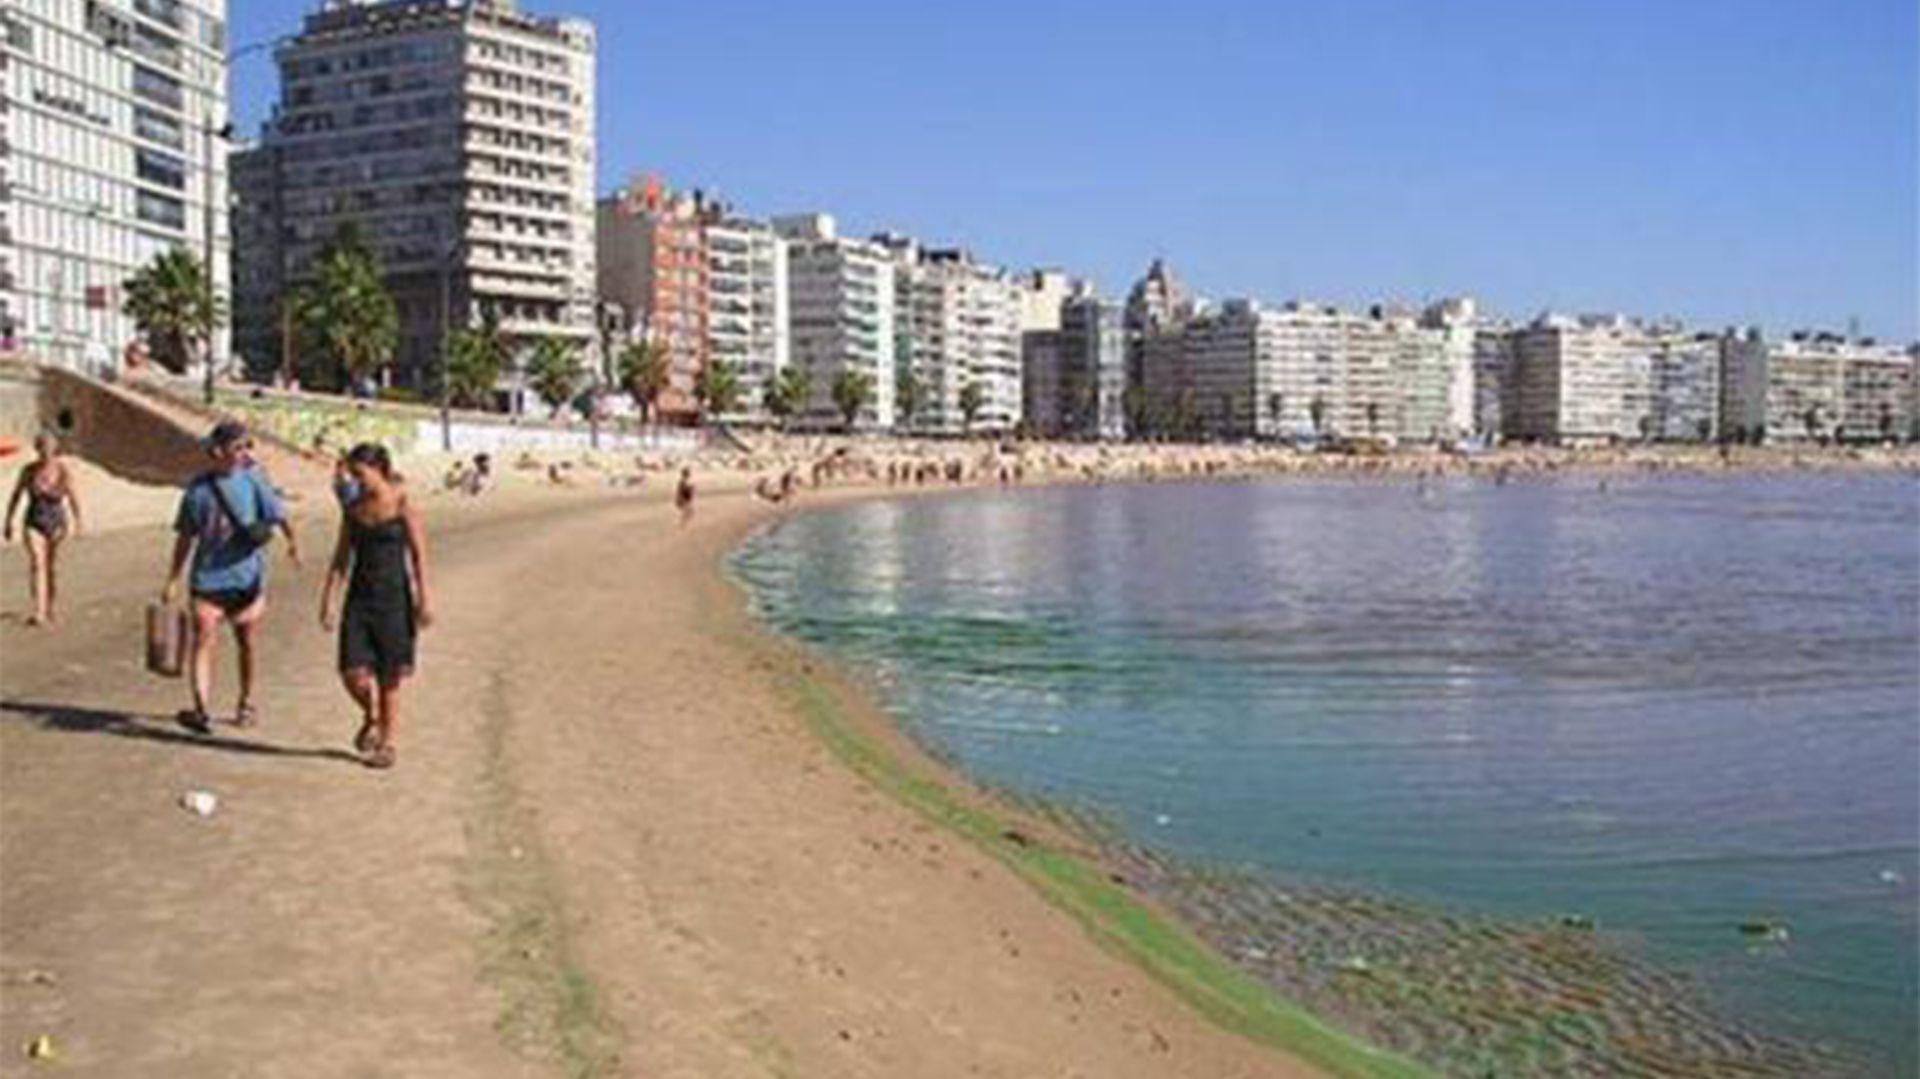 En 2019, en playas de Montevideo y Canelones, los guardavidas recurrieron a la bandera roja con una cruz verde para recomendar el alejamiento de una espuma tóxica que conformaba una mancha verdosa, tanto en el agua como en la arena